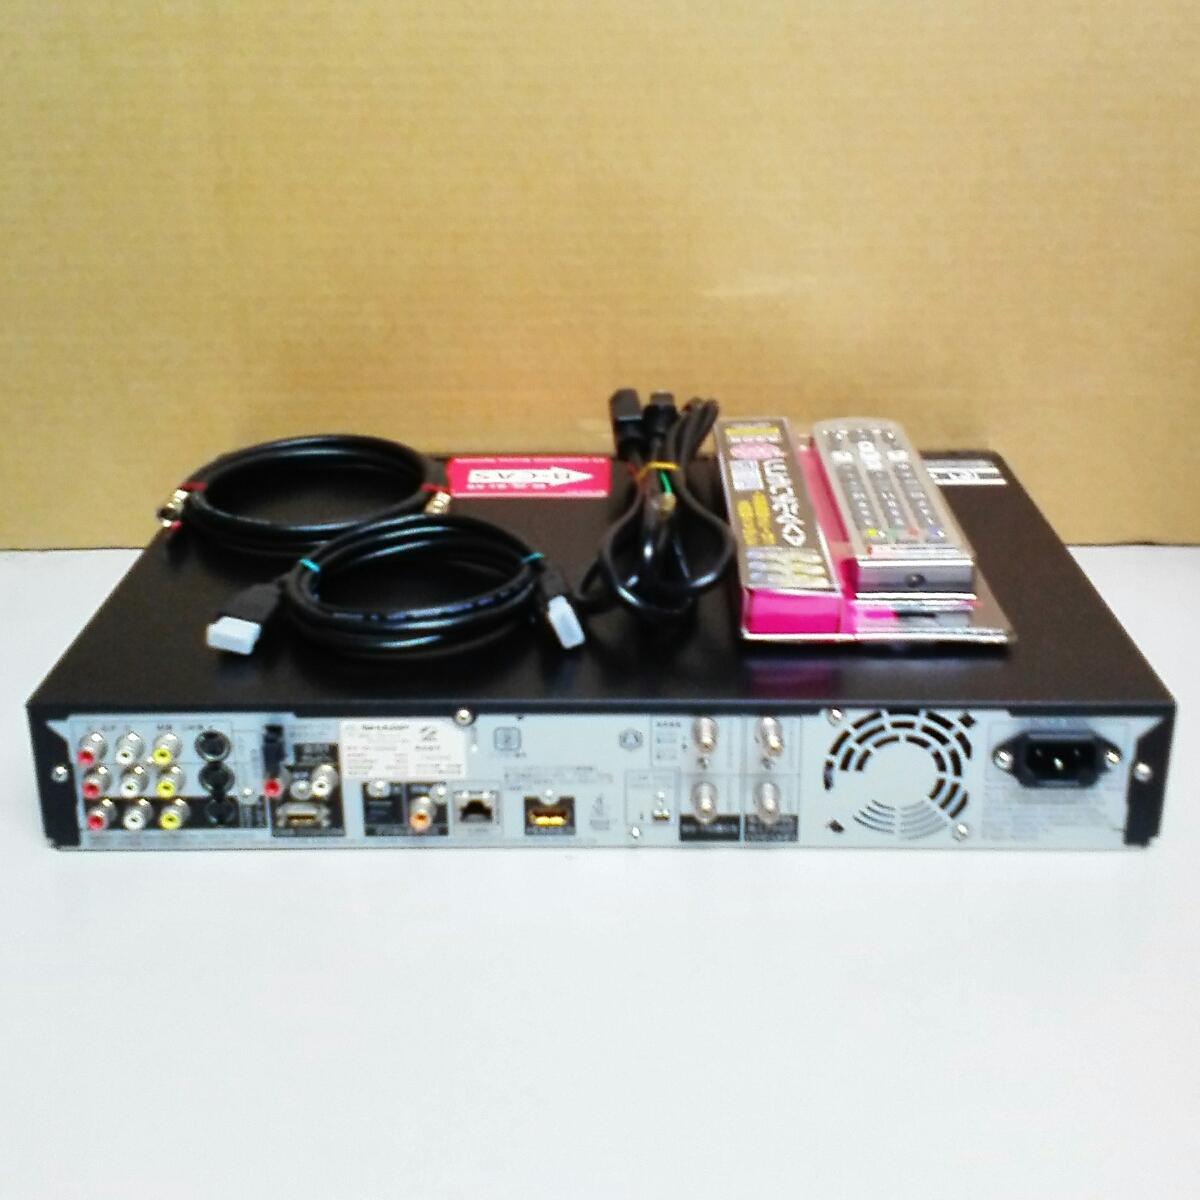 すぐに使えるセット!SHARP ブルーレイレコーダー AQUOS BD-HDW55 [W録画/500GB]._画像3